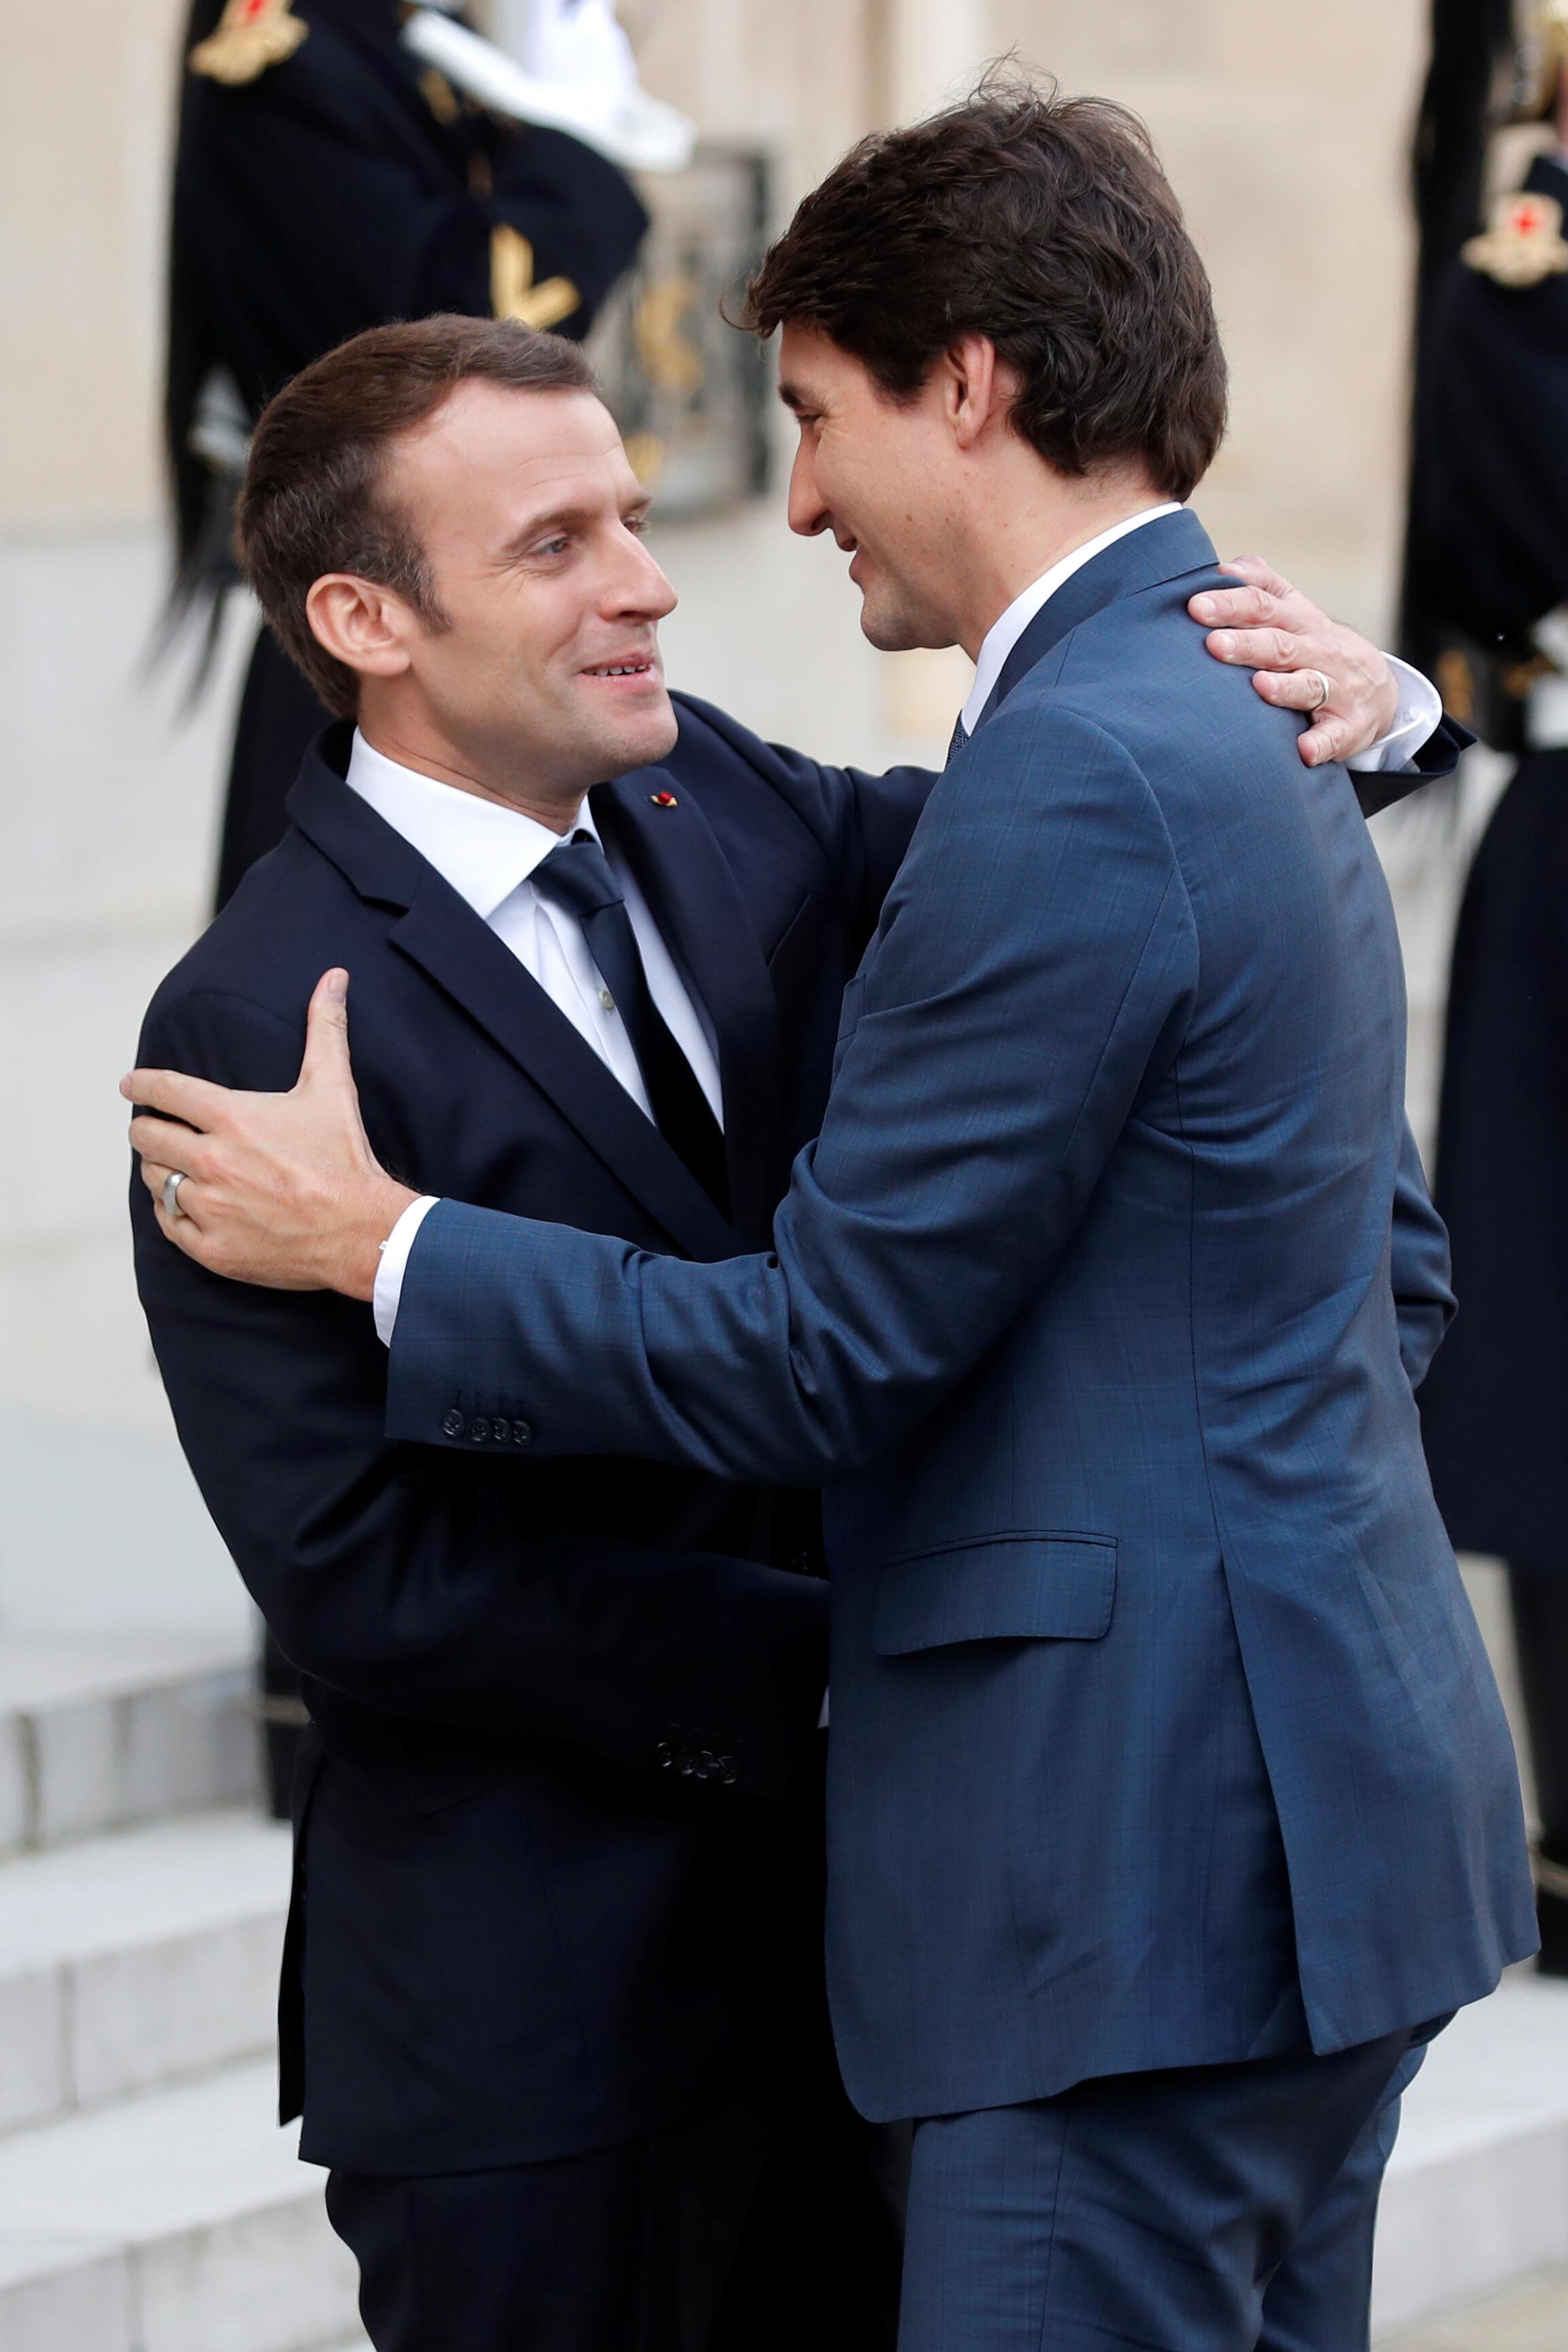 En el primer día de su visita a Francia, el primer ministro canadiense Justin Trudeau fue recibido por el presidente Emmanuel Macron en el Palacio del Elíseo. 16 de abril de 2018